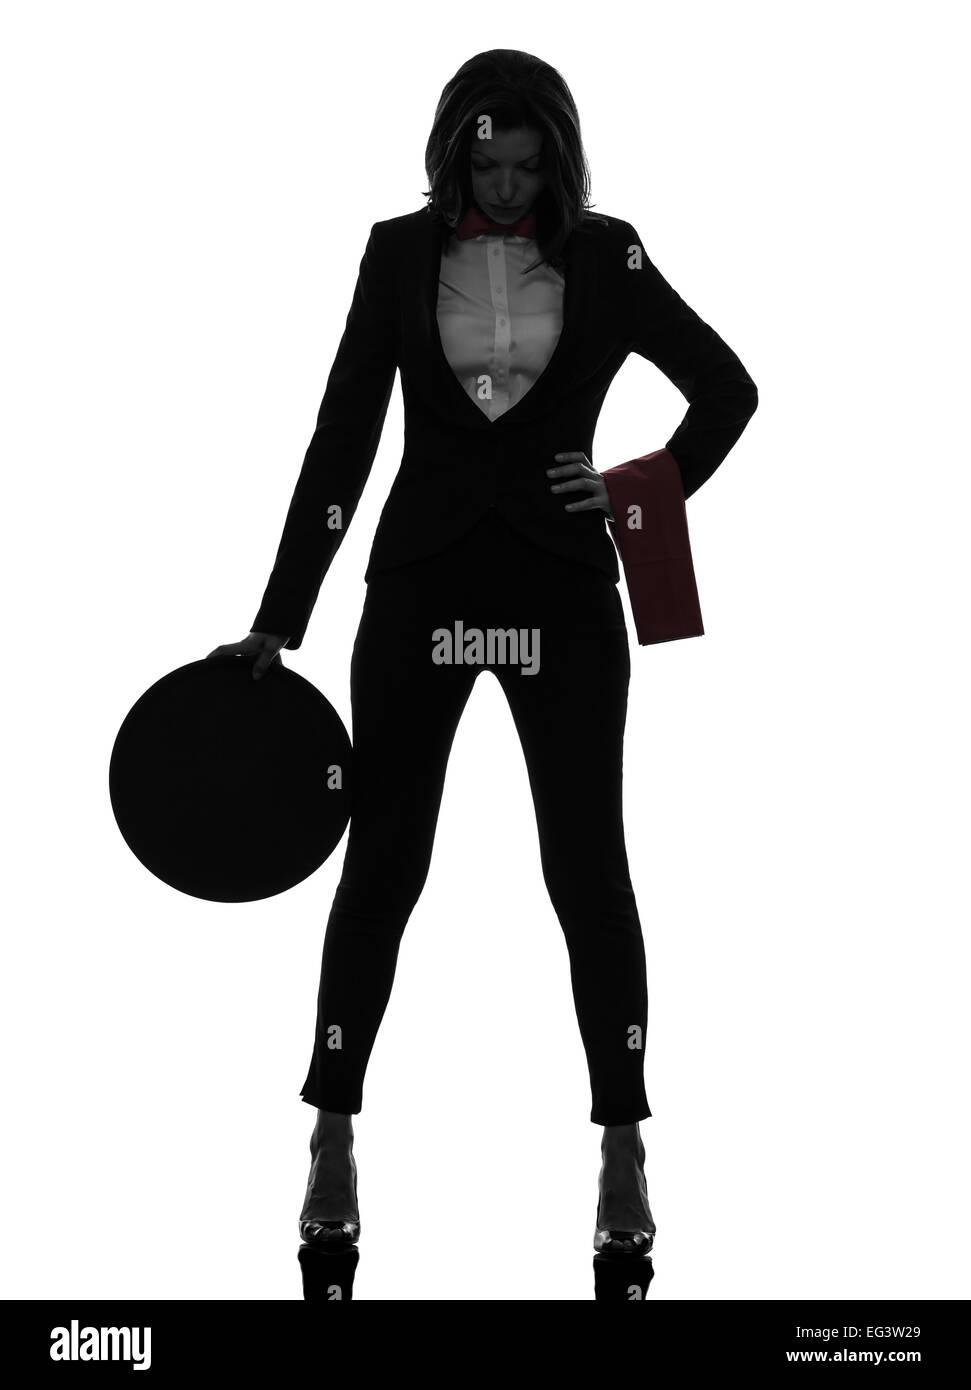 Una donna cameriere butler stanchi esaurito in silhouette su sfondo bianco Immagini Stock